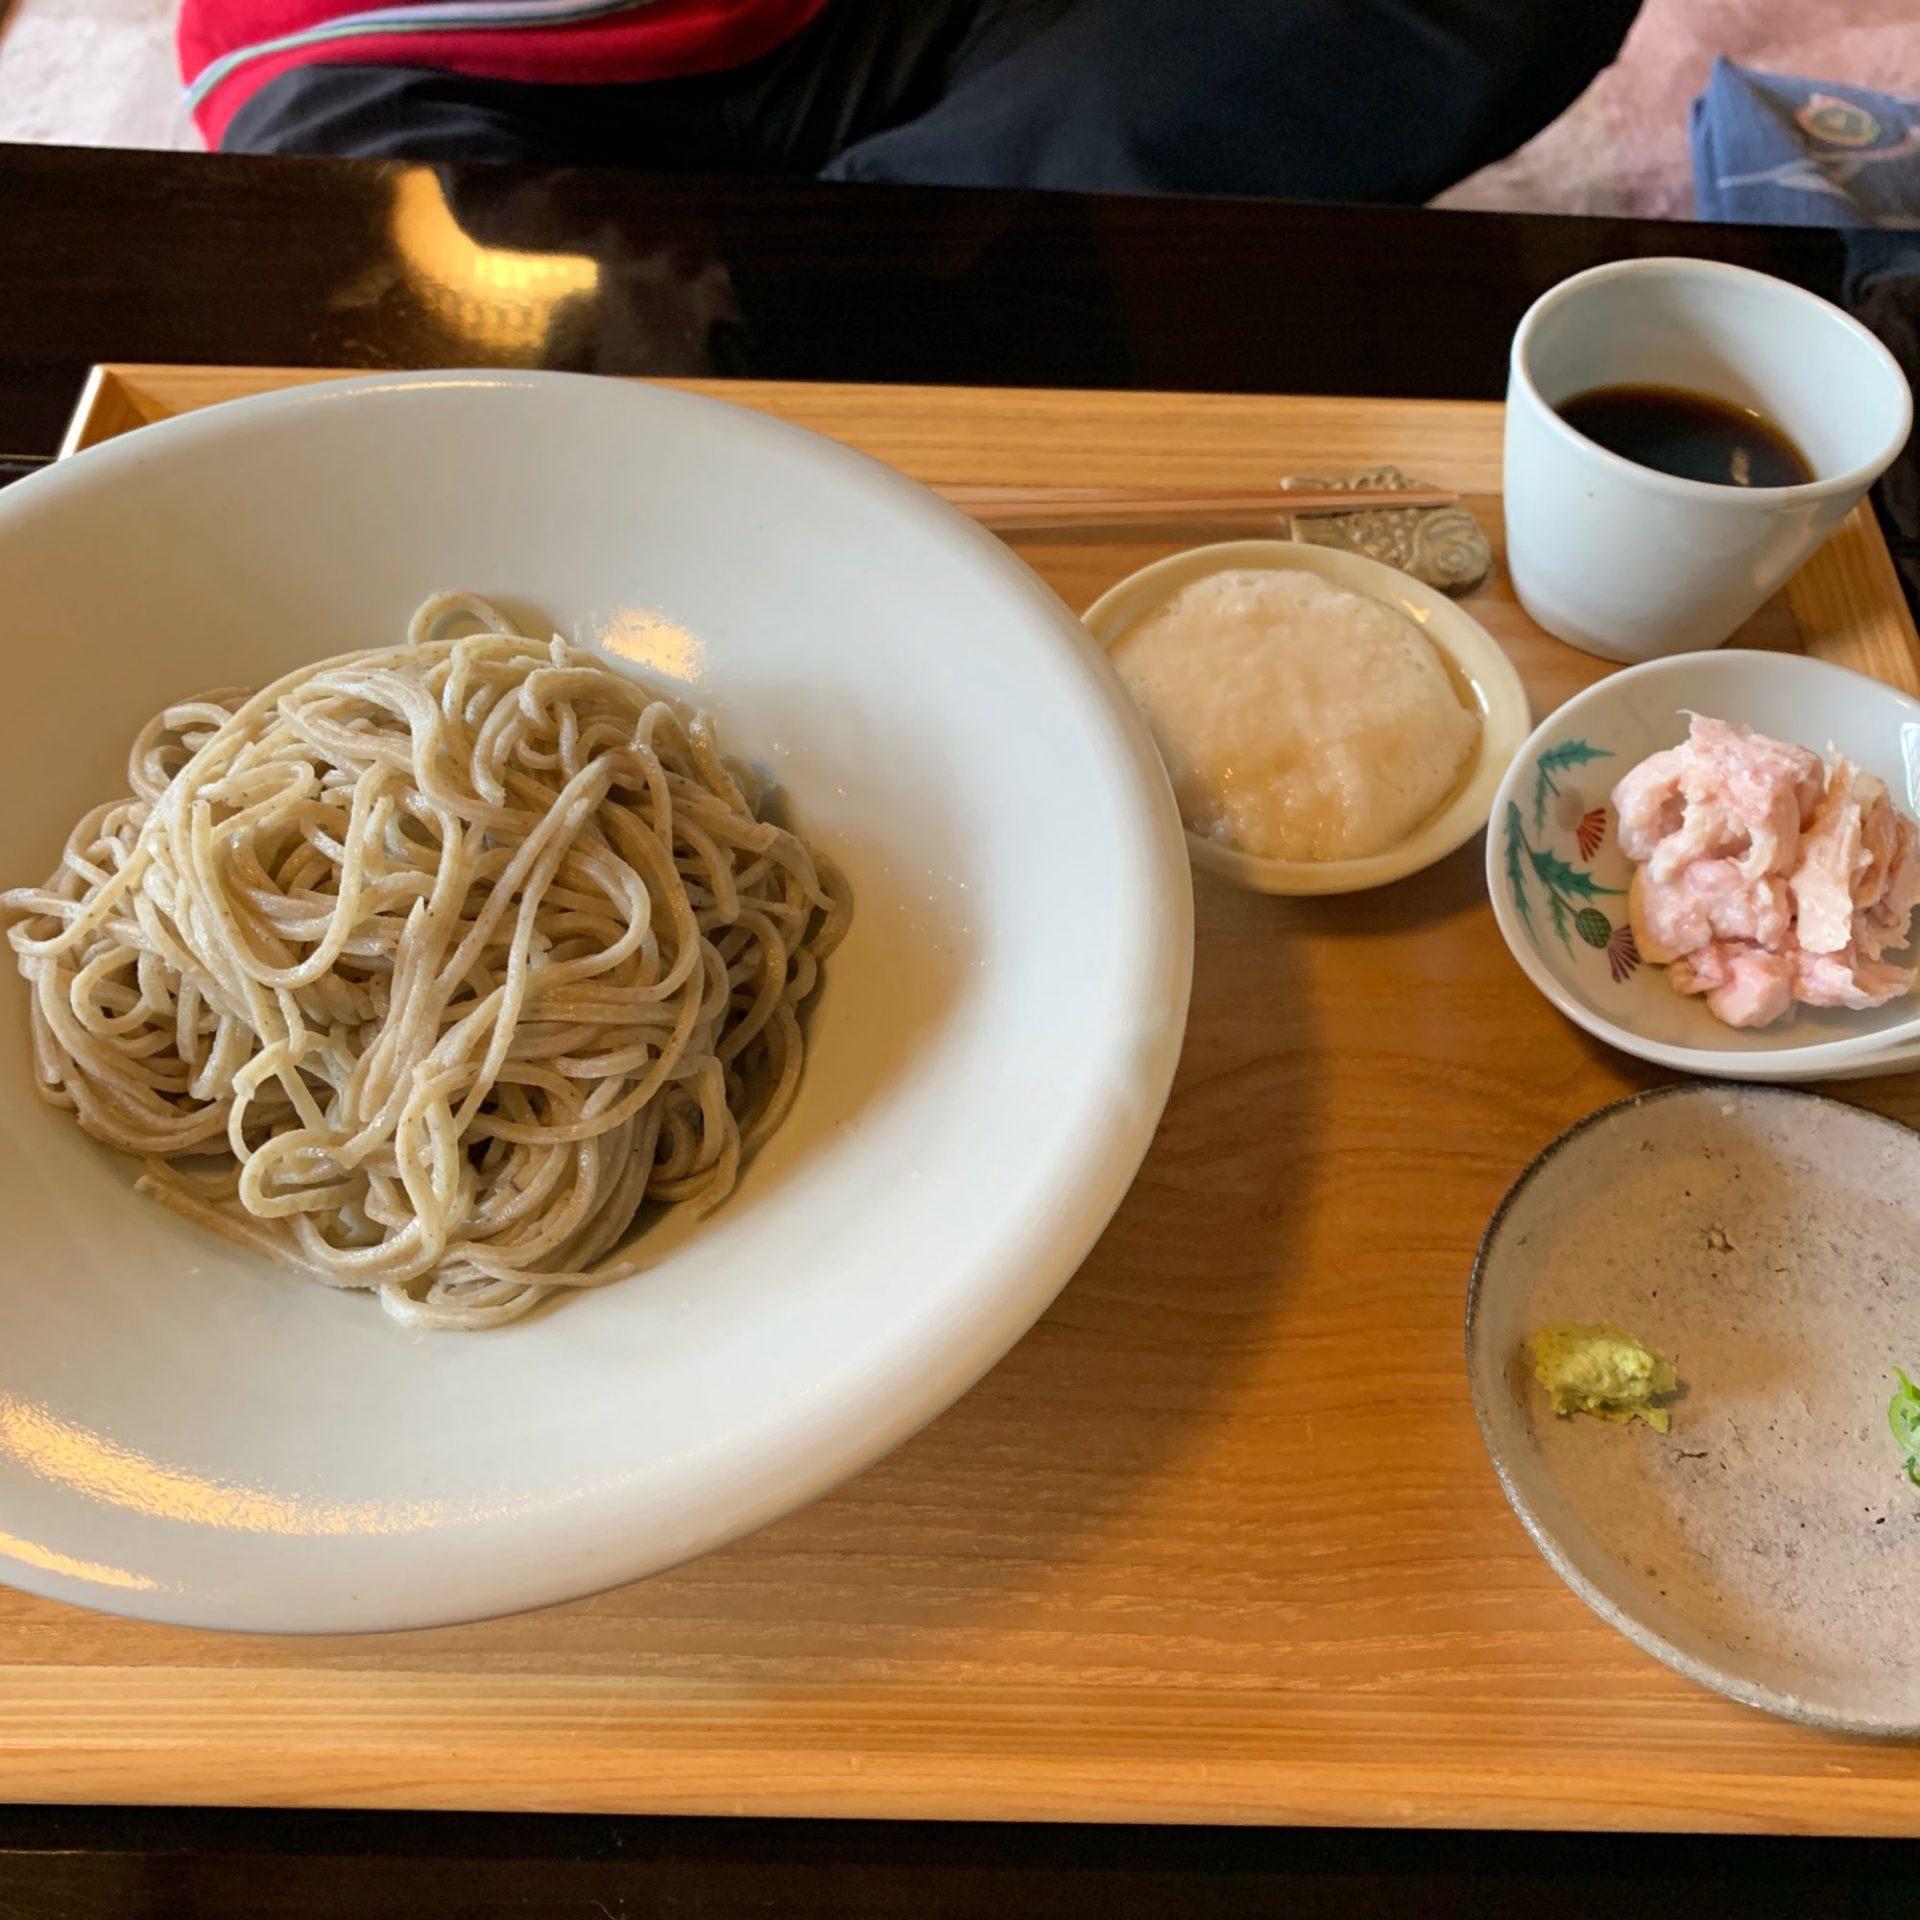 京都府綾部市滋賀郷の「そば処あじき堂」へおっさんバイクツーリングで行ってきました。味よし、接遇良しの良いお店でした。